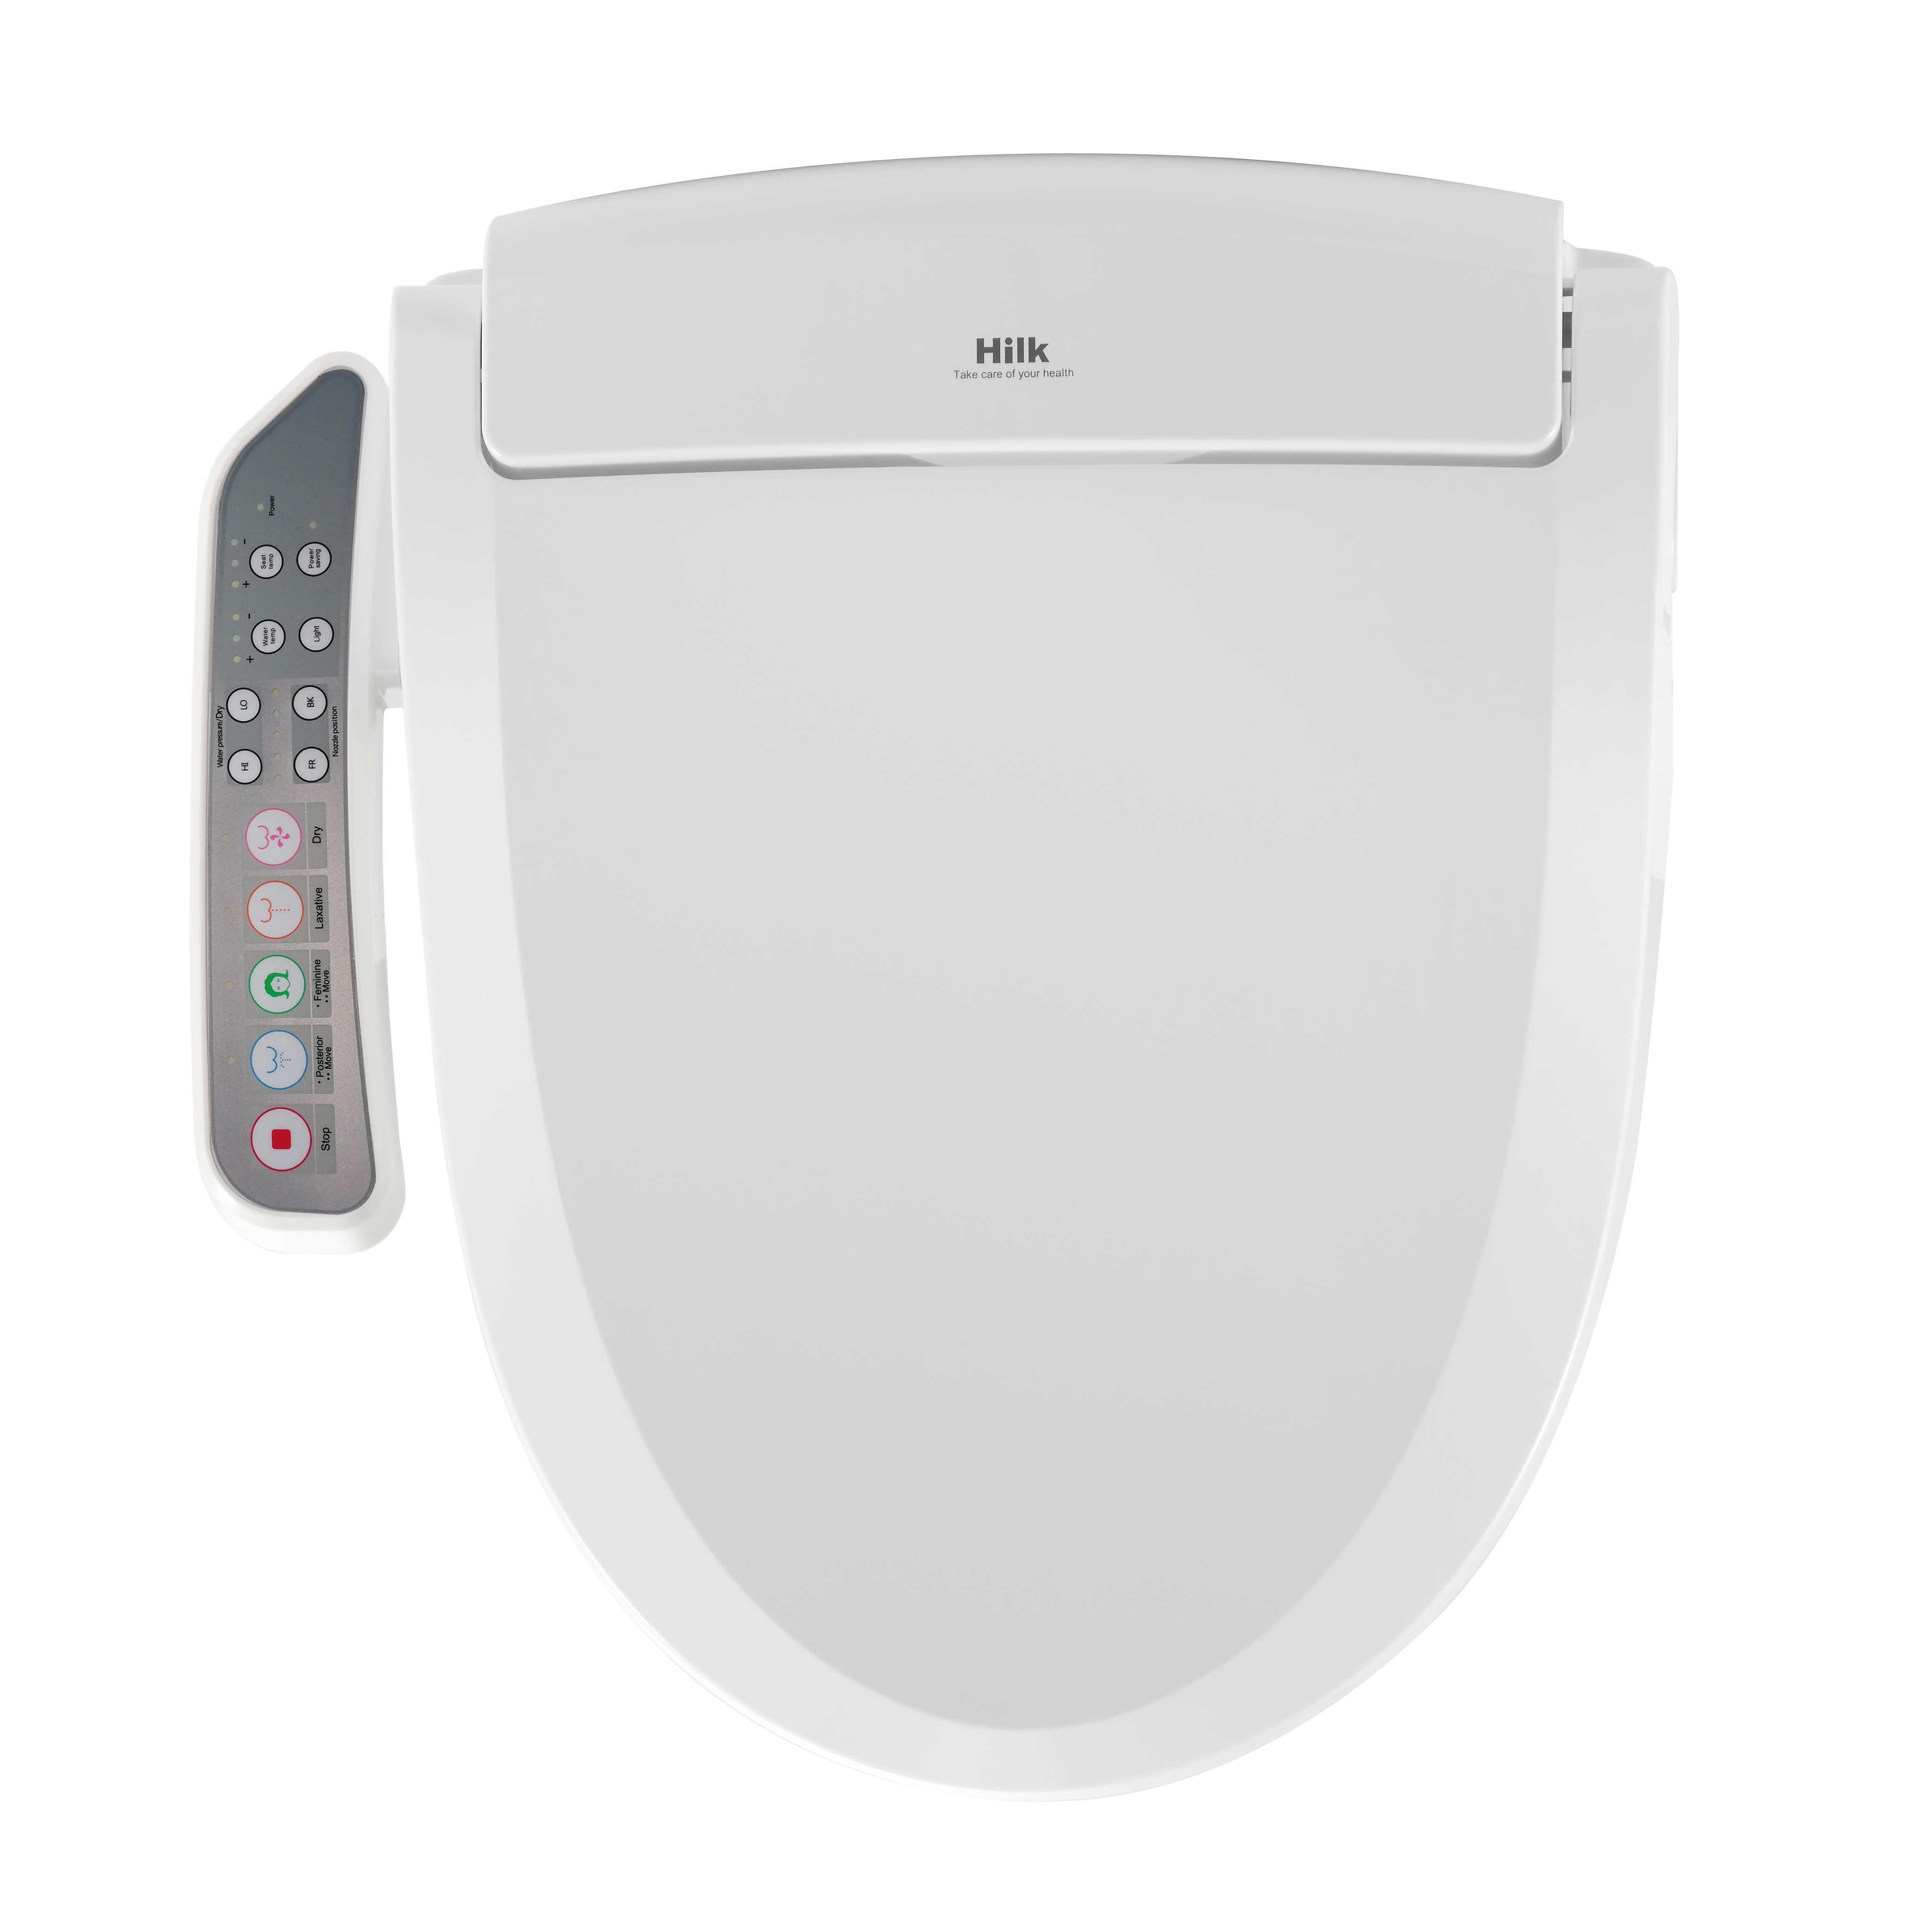 KB3200 Thông Minh Commode Closestool Thông Minh Chậu Rửa Nightstool Điện Áp: 220V ~ 240V 50 HZ L: 493Mm × W: 478Mm ×H: 196Mm